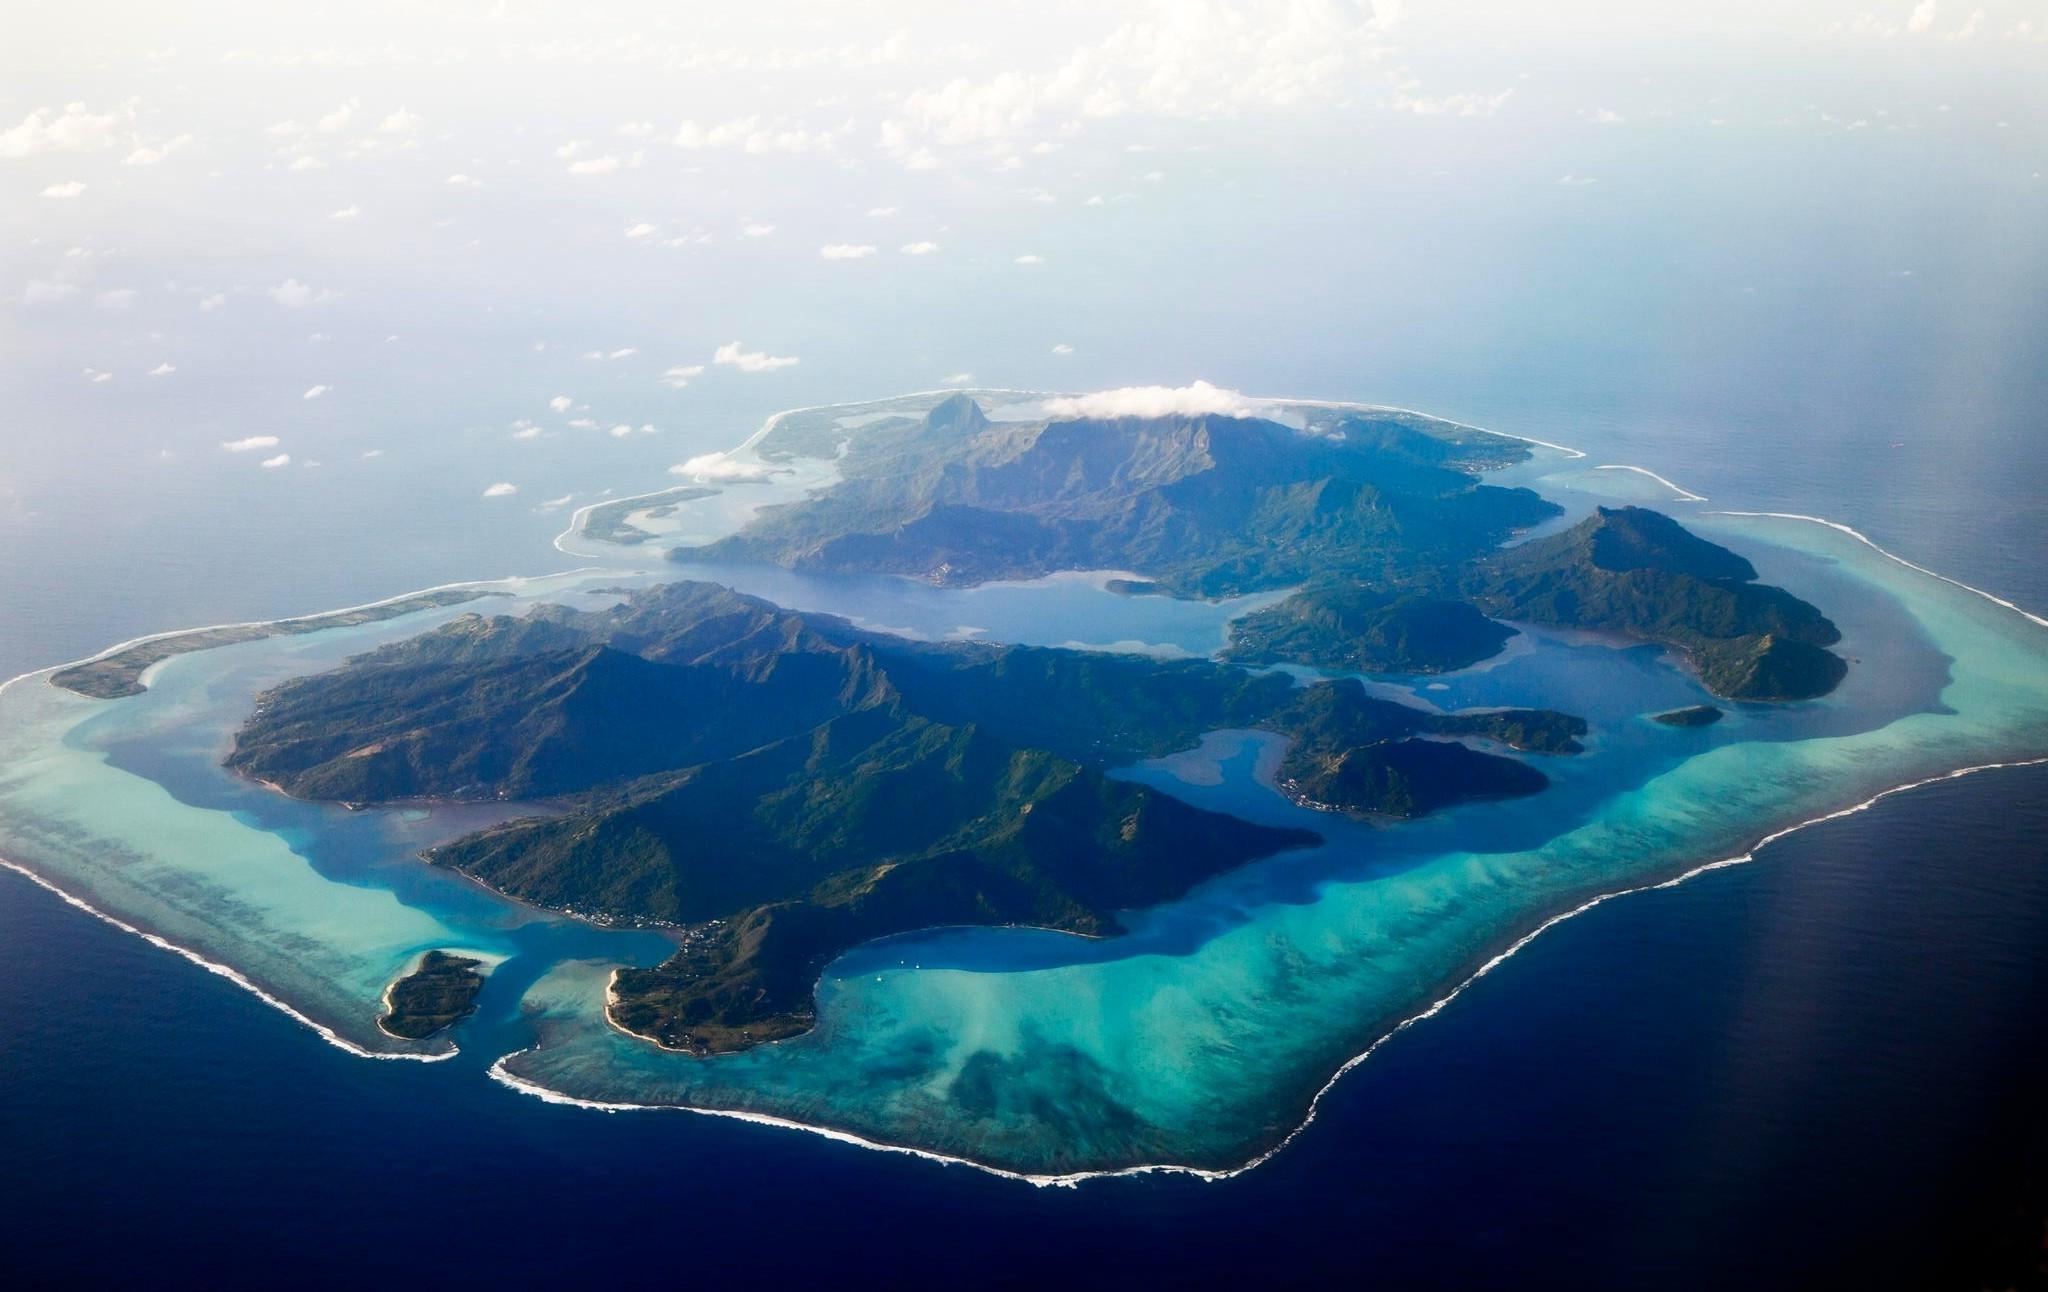 Tropical Island Beach Ambience Sound: Wallpaper : 2048x1292 Px, Aerial View, Atolls, Beach